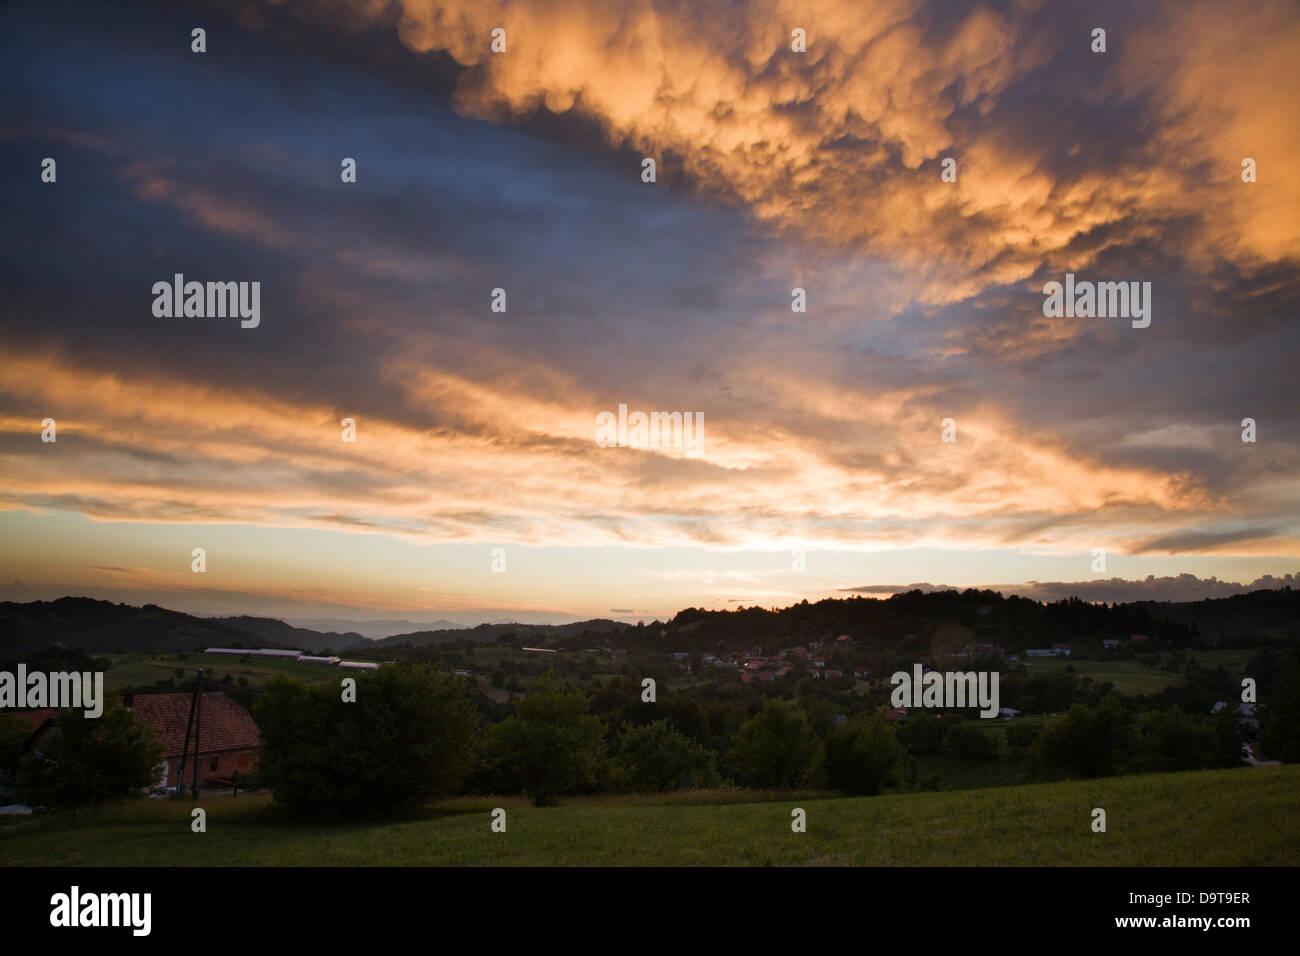 A spectacular display of Cumulonimbus with Mammatus clouds at sunset. - Stock Image